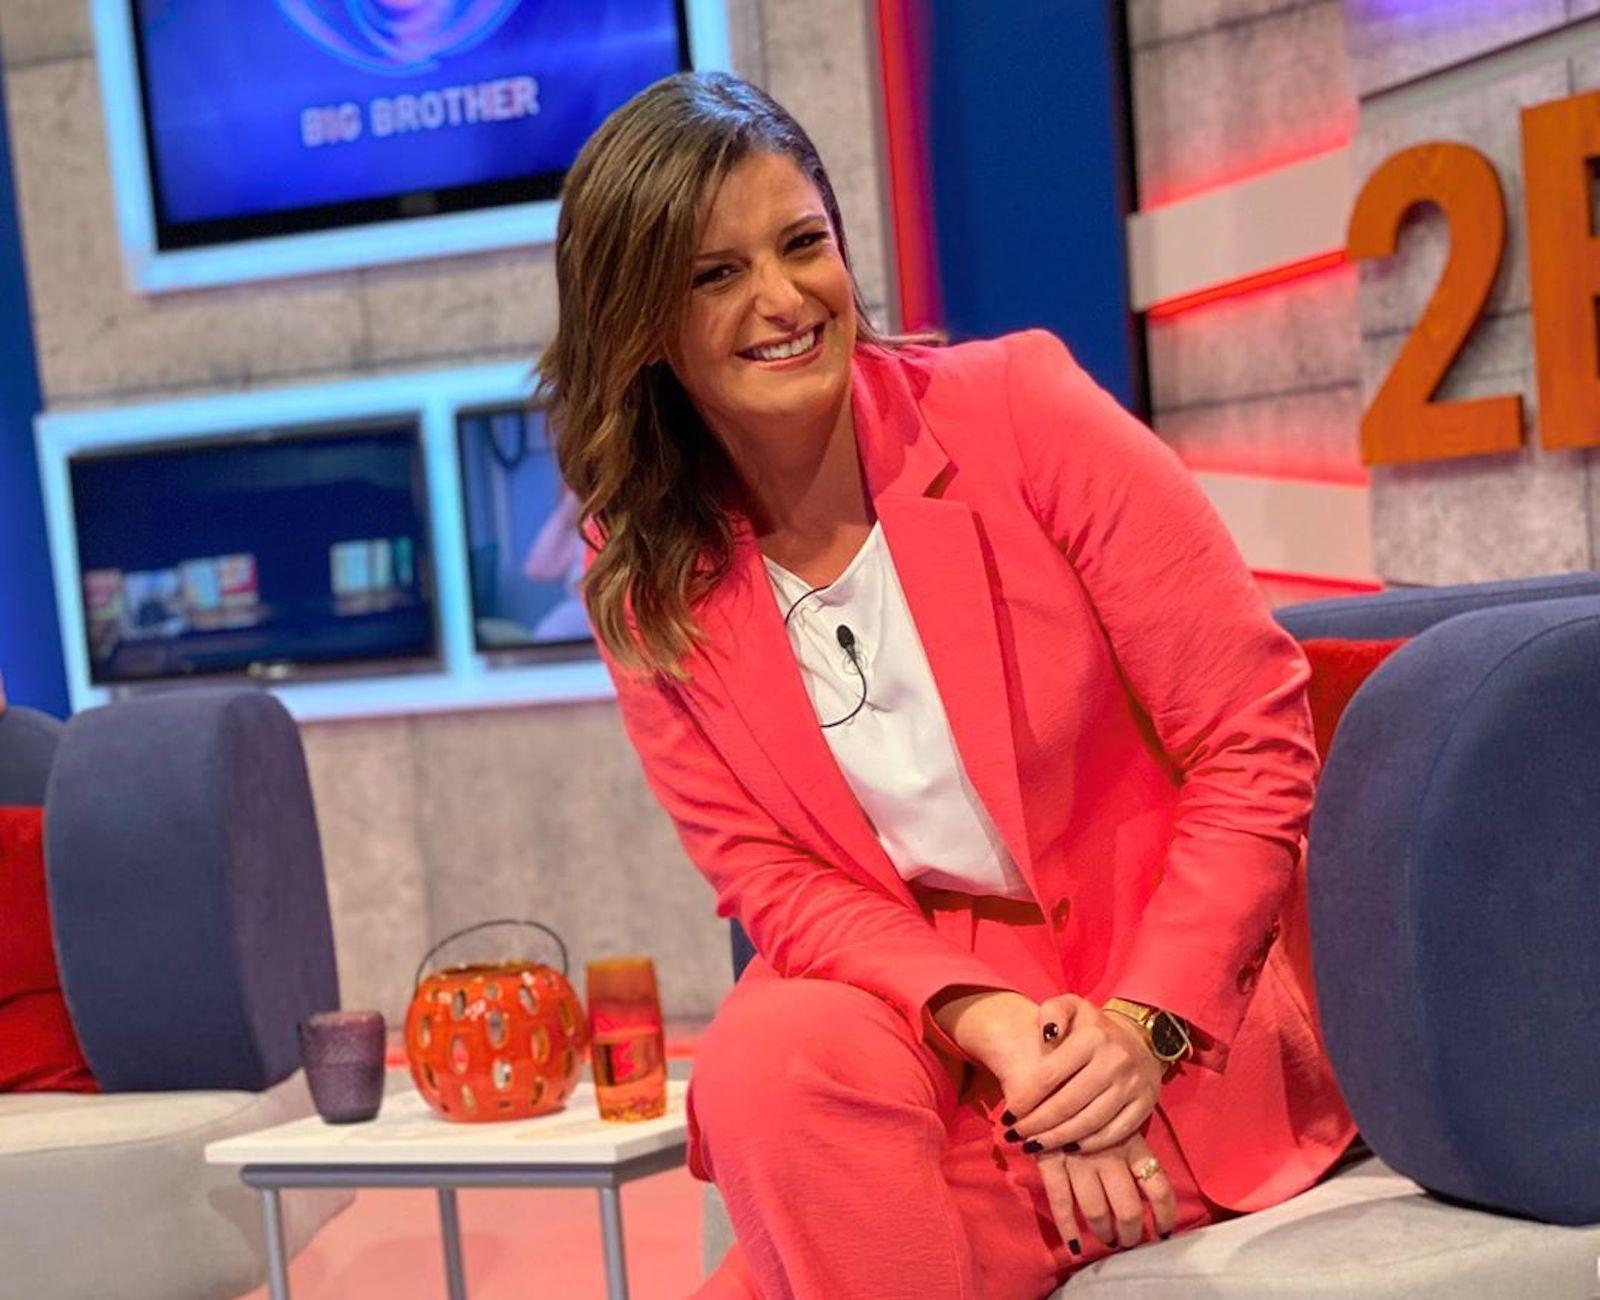 Maria Botelho Moniz 8 'Extra' Do 'Big Brother' Regista O Pior Resultado De Sempre